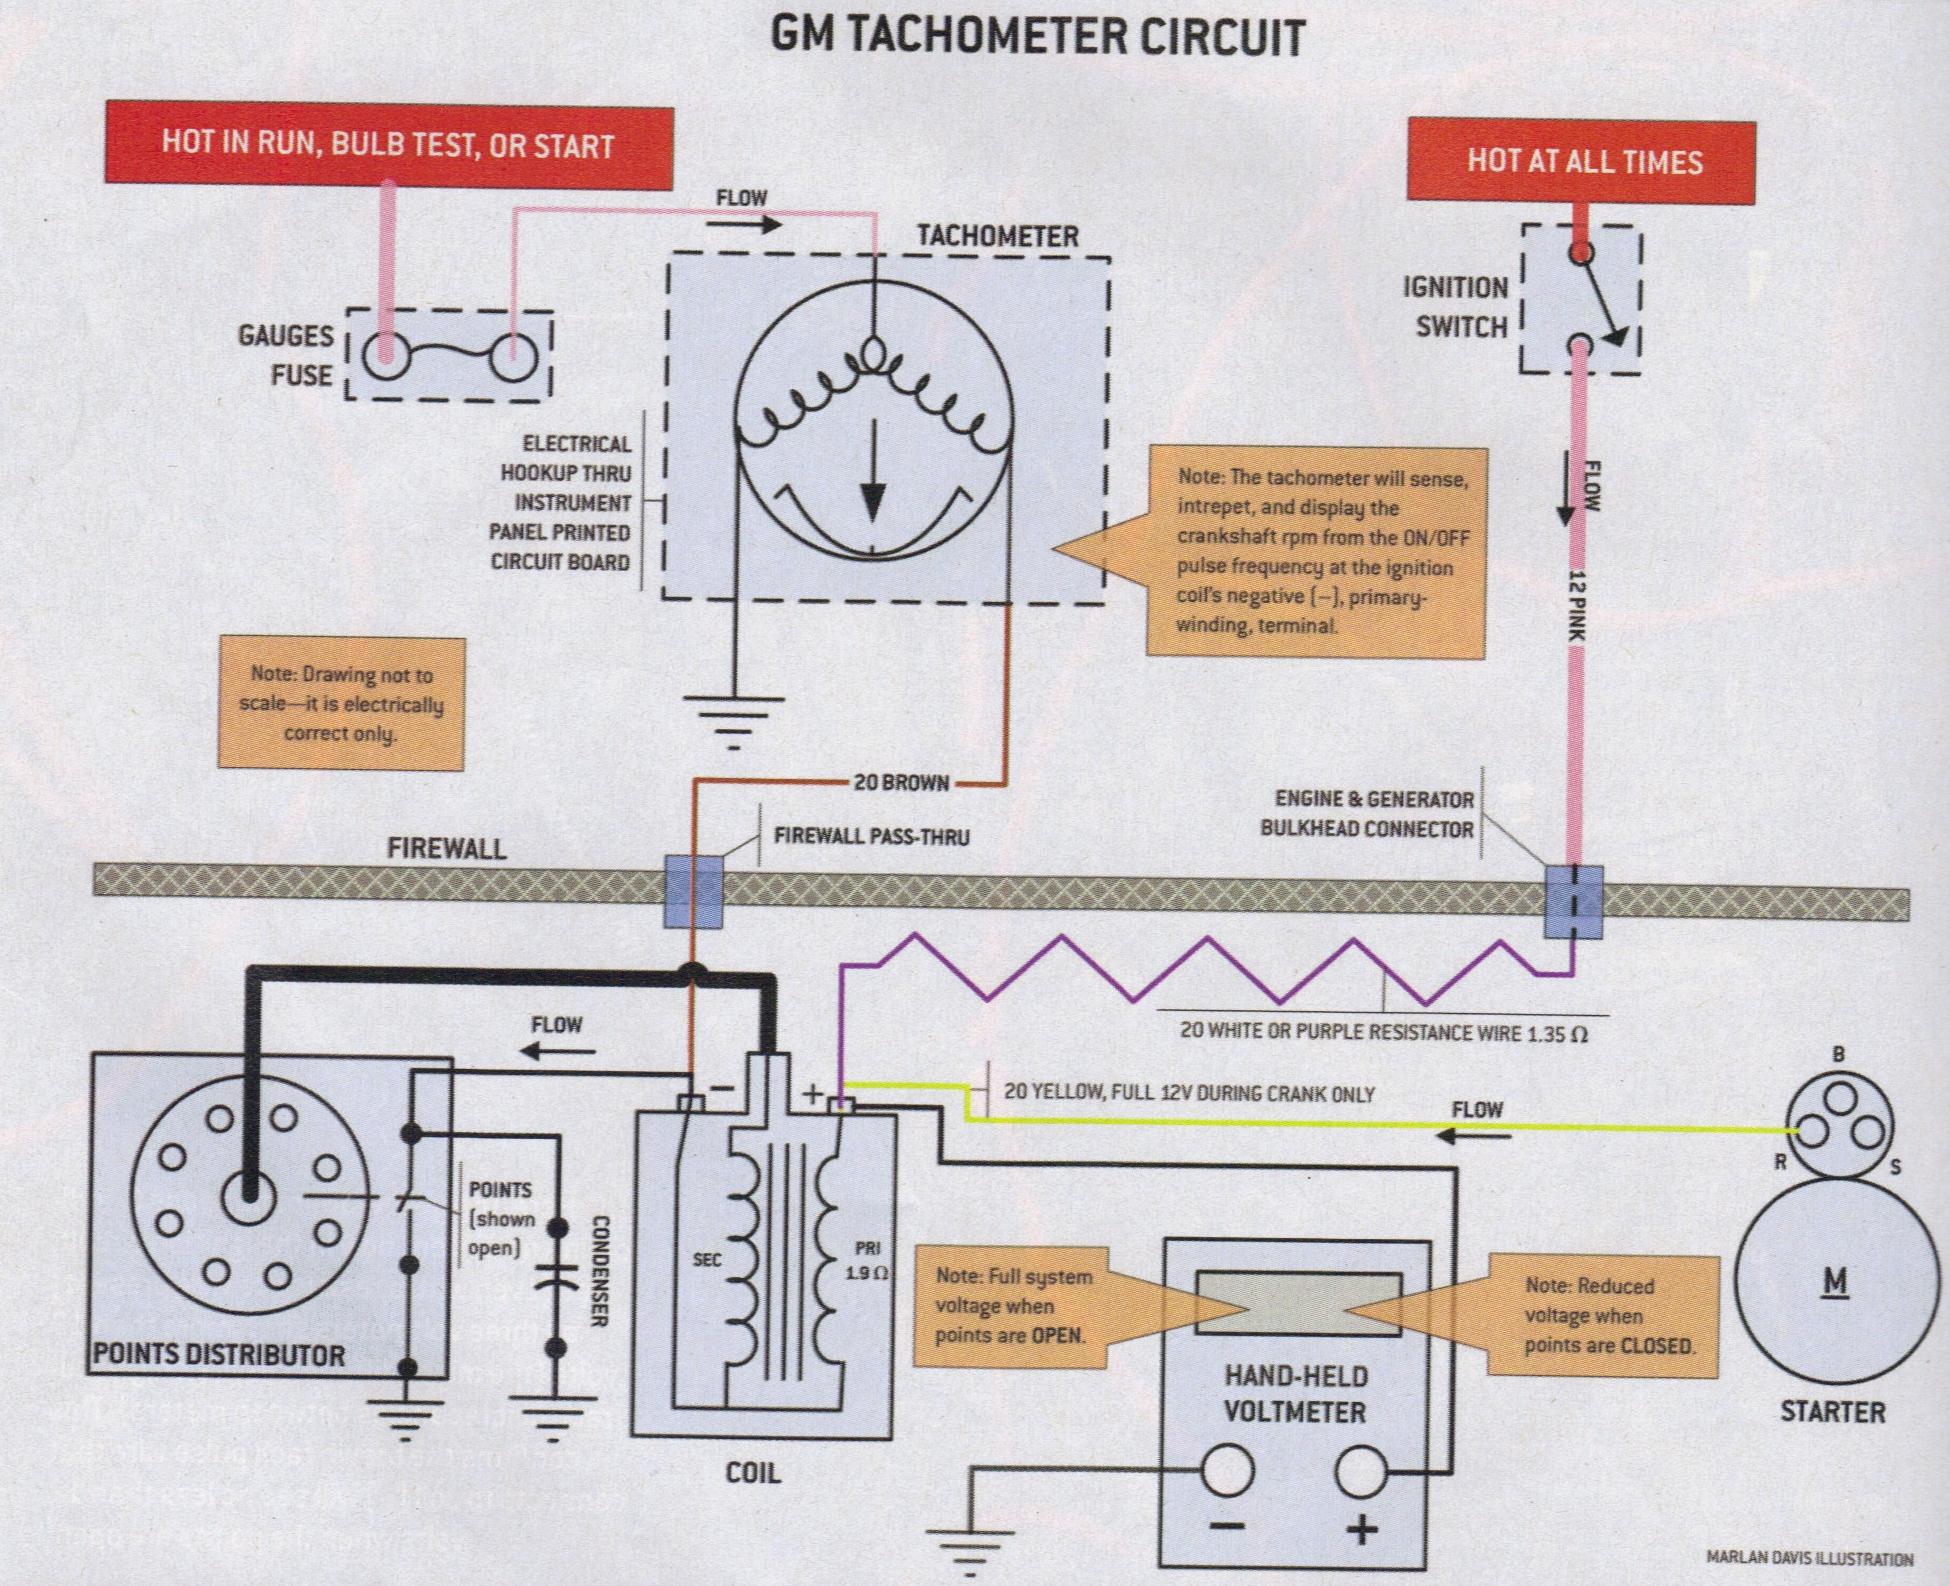 1969 camaro factory tach wiring diagram wiring diagram camaro wiring & electrical information